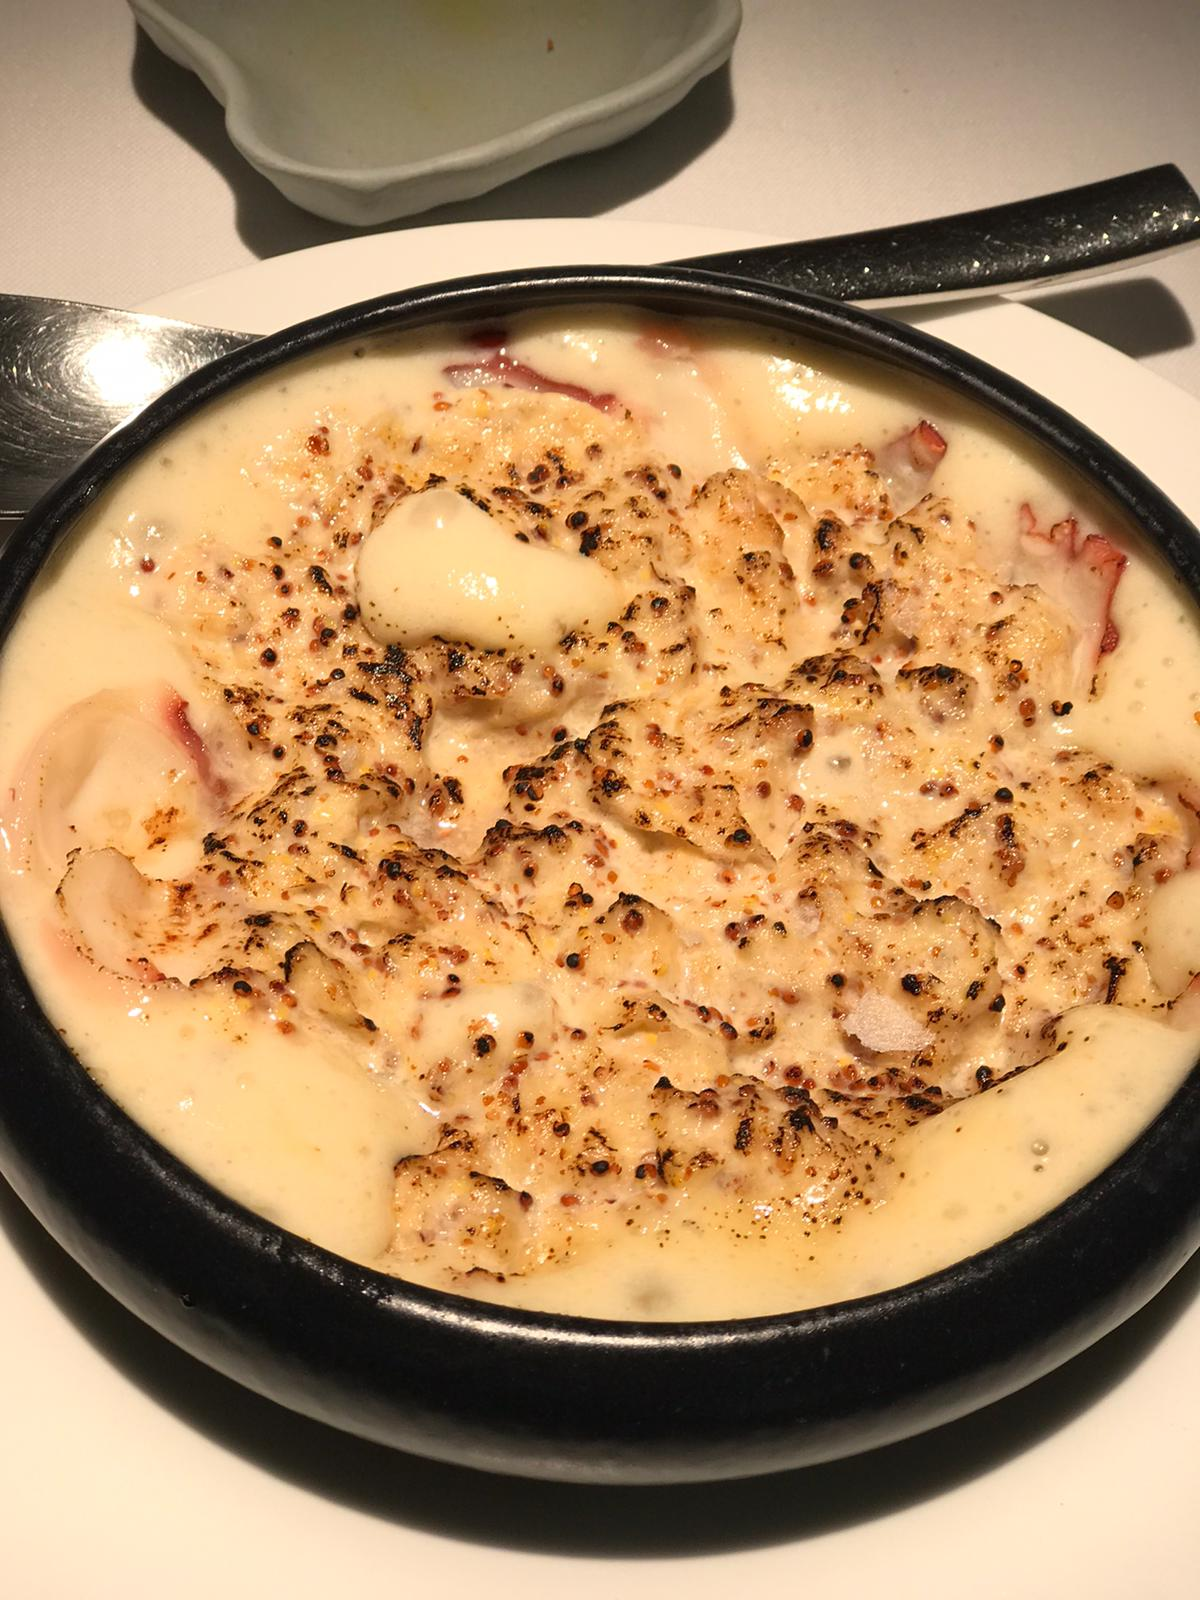 Reseñas gastronómicas: Restaurante Elordi en Villajoyosa 5